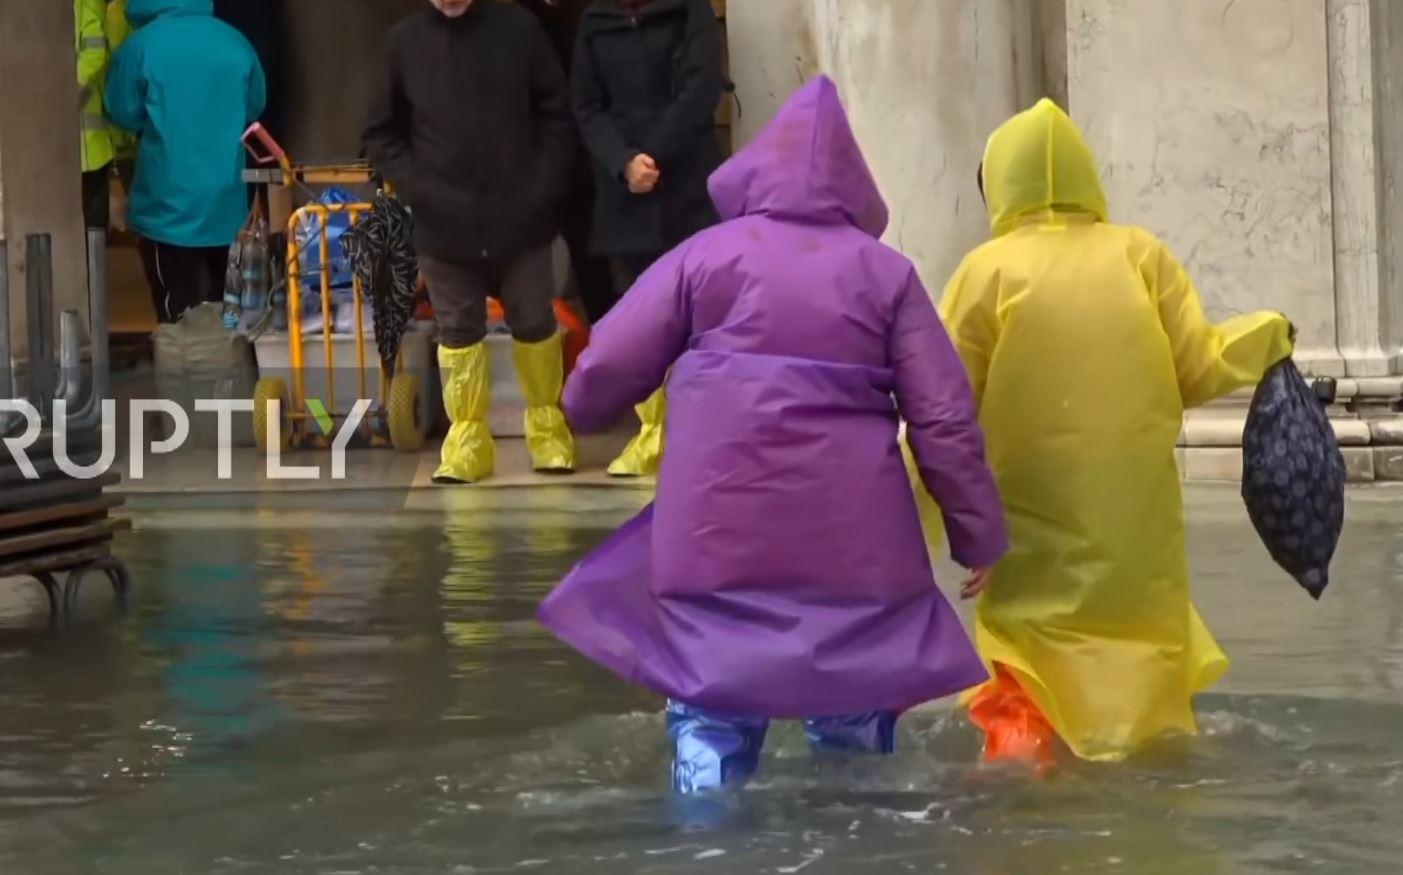 Vijon gjendja alarmante në Venezia, kryebashkiaku apel banorëve dhe turistëve